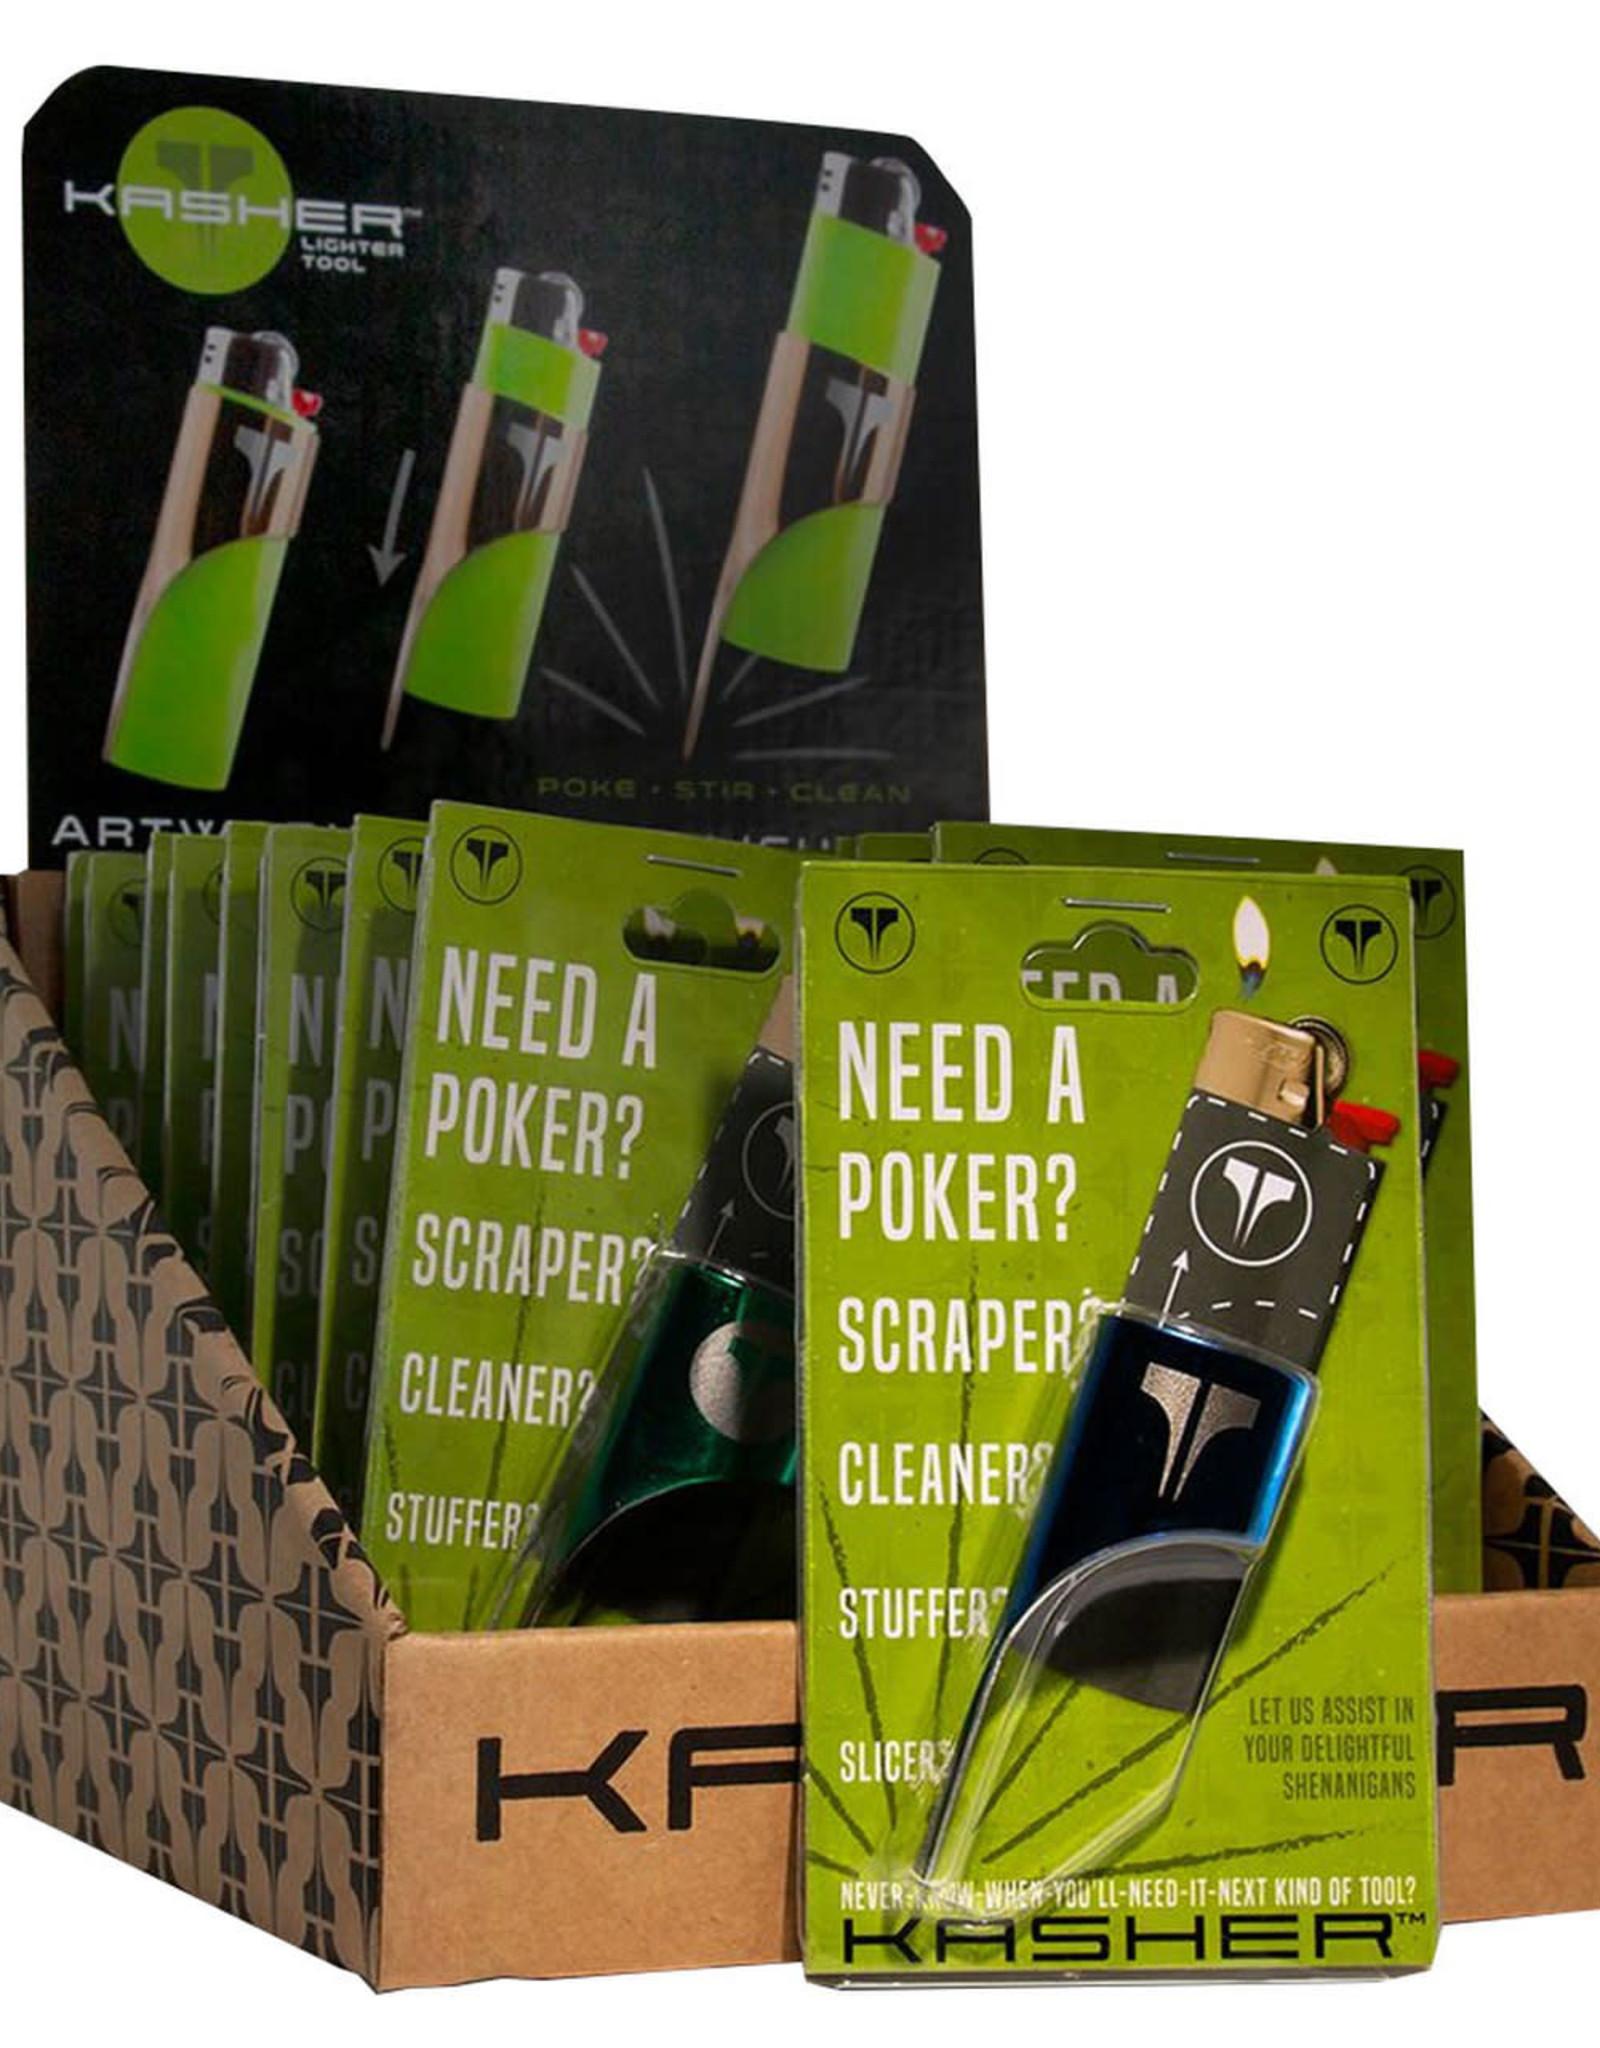 Kasher for Bic Lighter (Not Including Lighter)